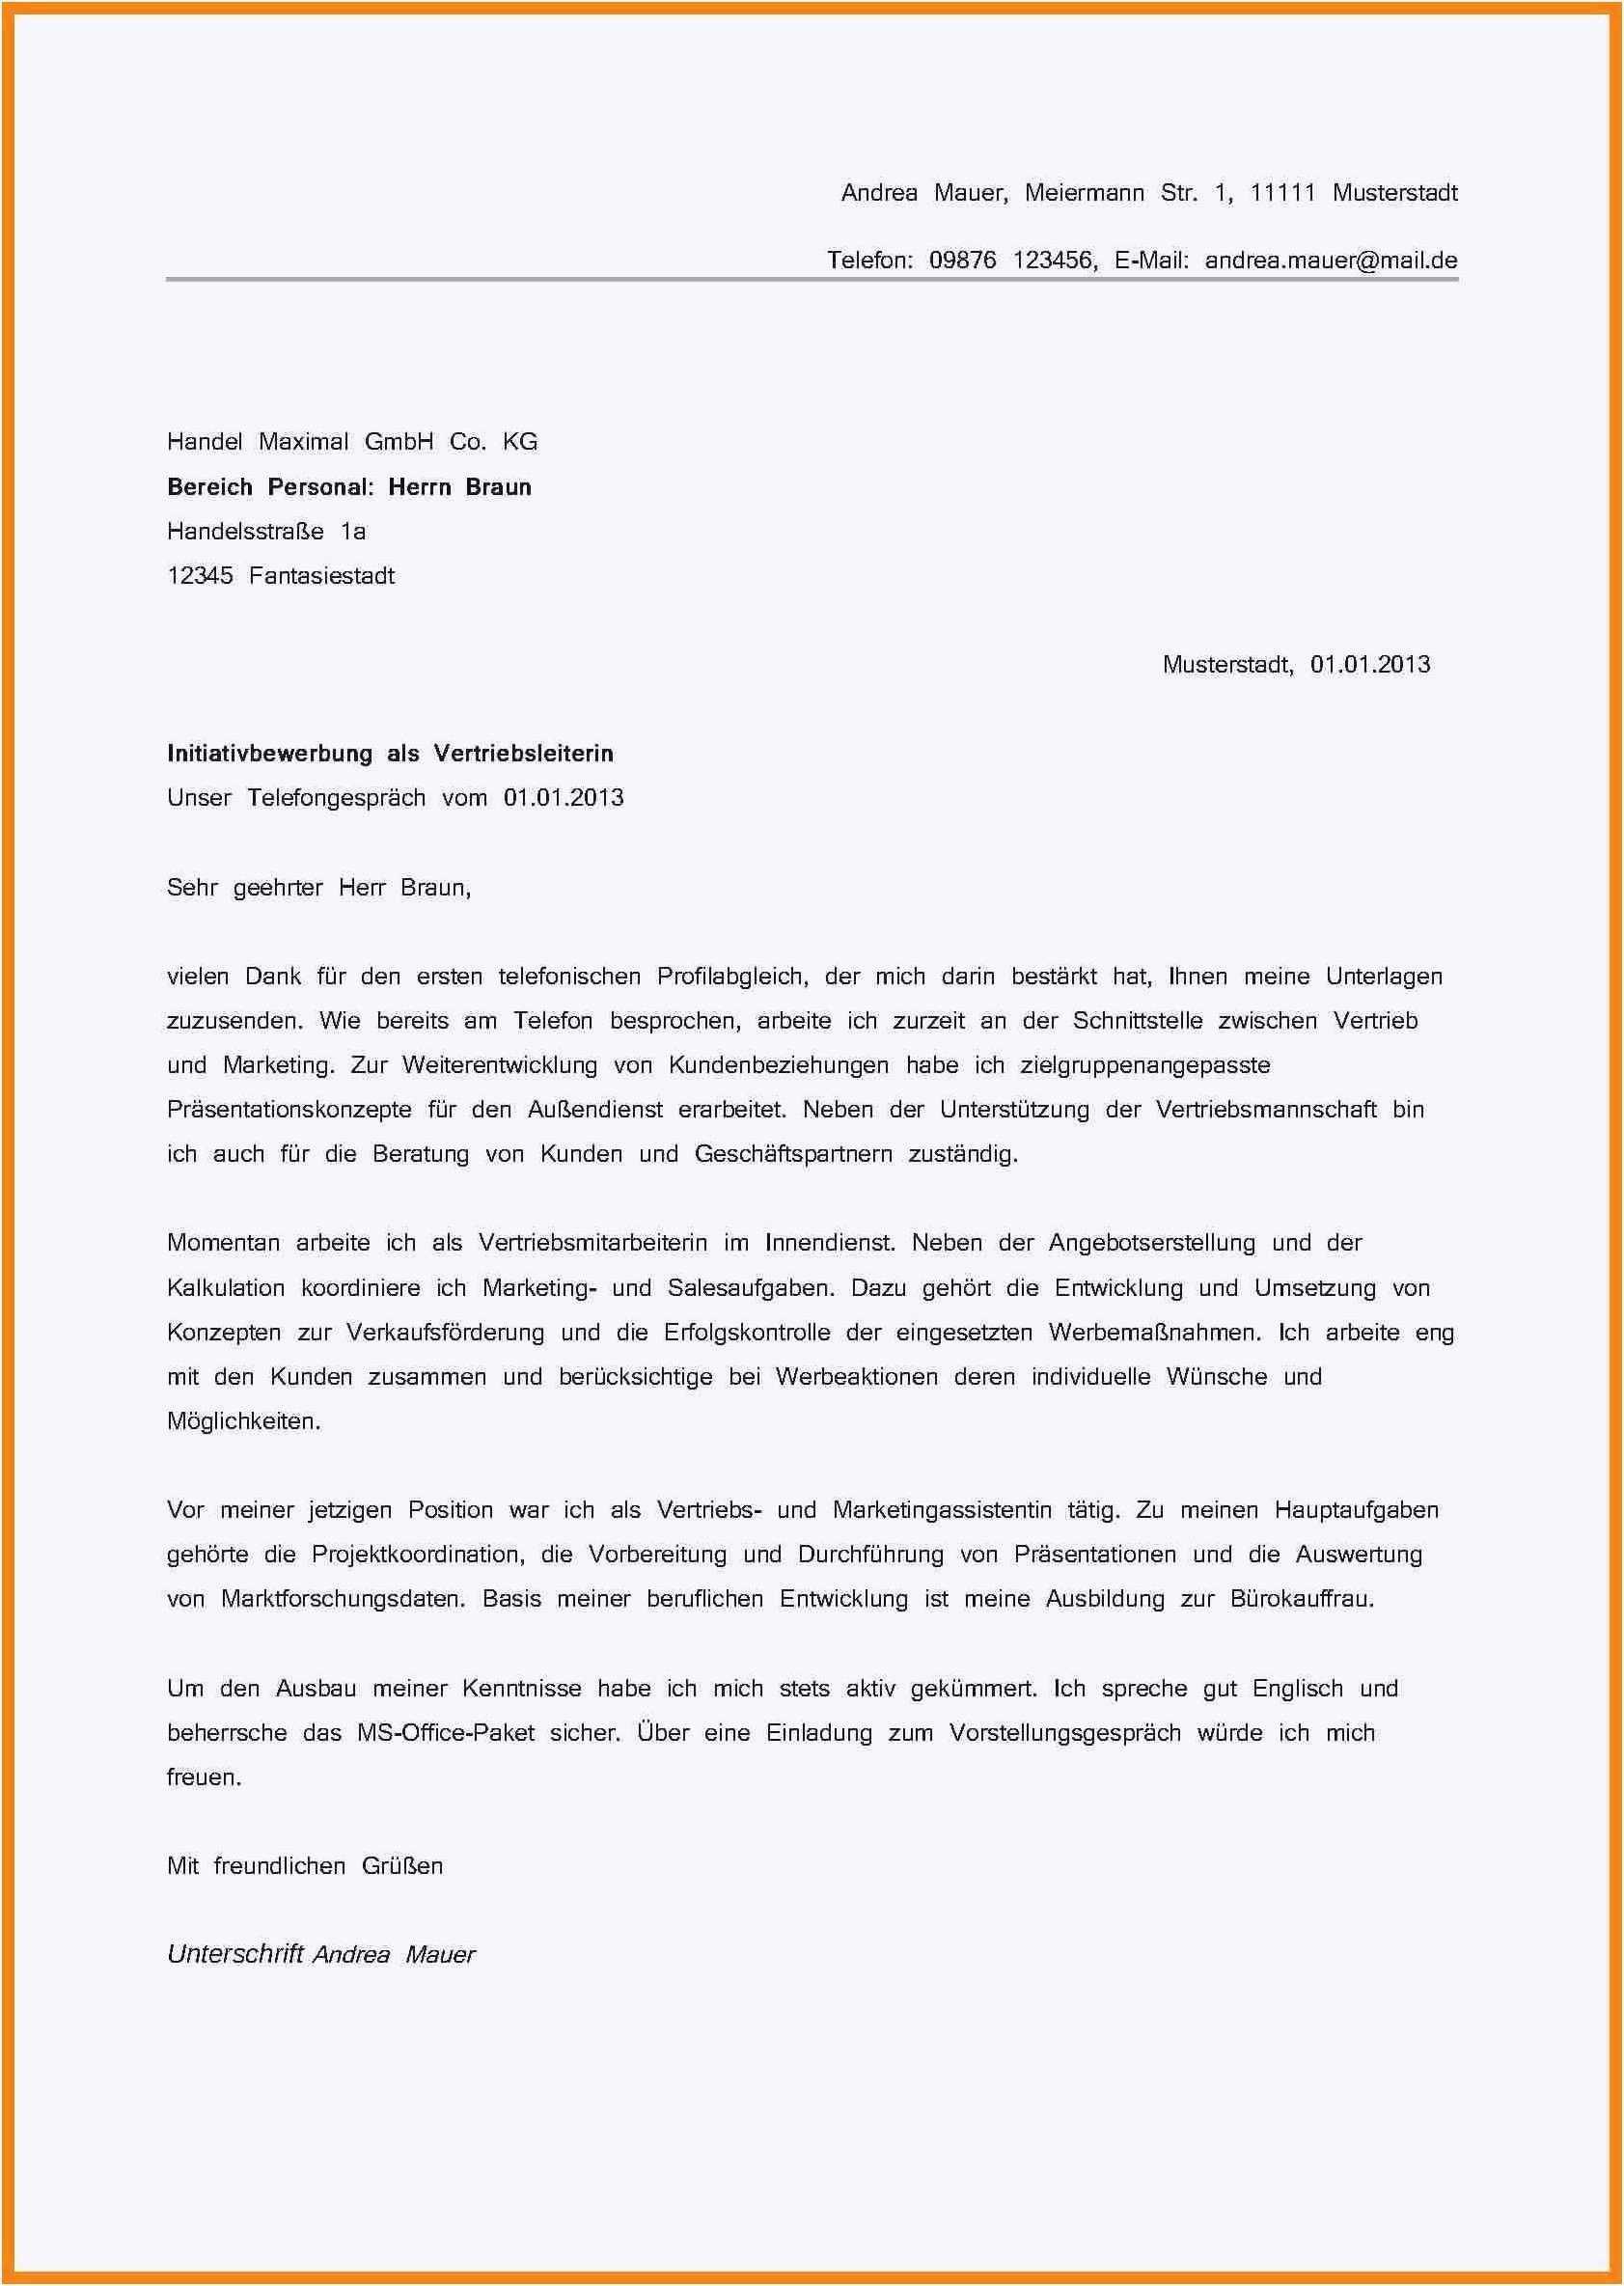 Abschlusssatz Bewerbung Anschreiben Vorlage Lebenslauf Muster Empfehlungsschreiben